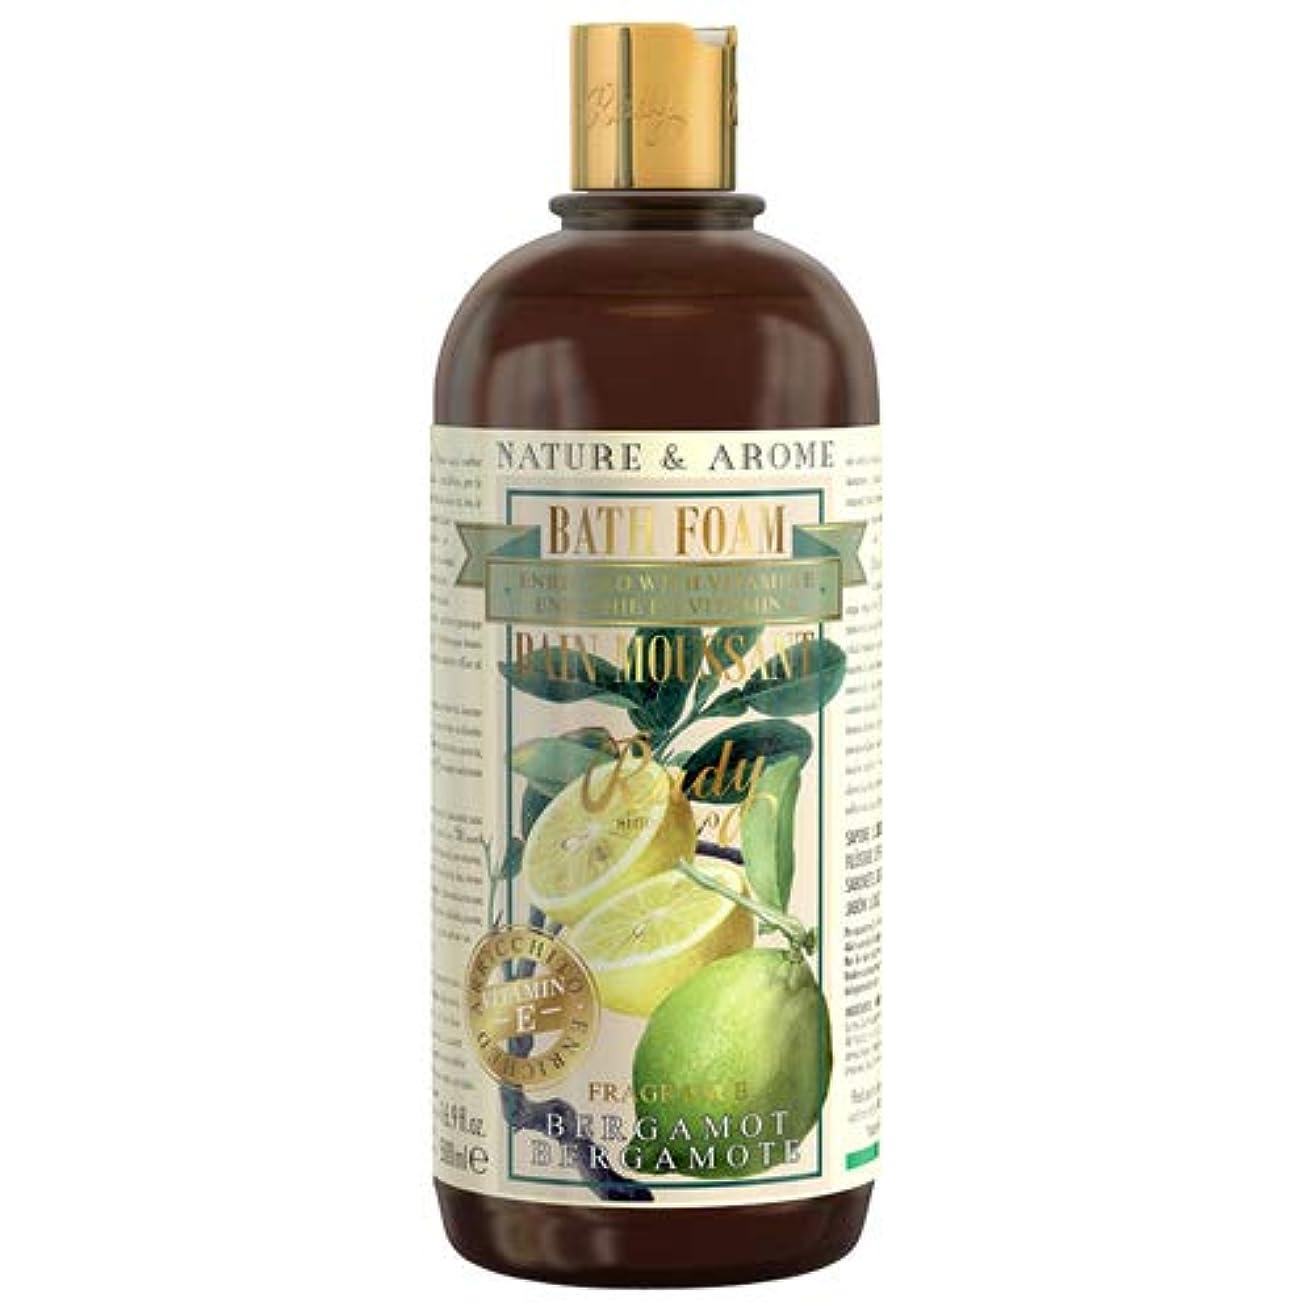 むしゃむしゃ航空魔術師ルディ(Rudy) RUDY Nature&Arome Apothecary ネイチャーアロマ アポセカリー Bath & Shower Gel バス&シャワージェル Bergamot ベルガモット